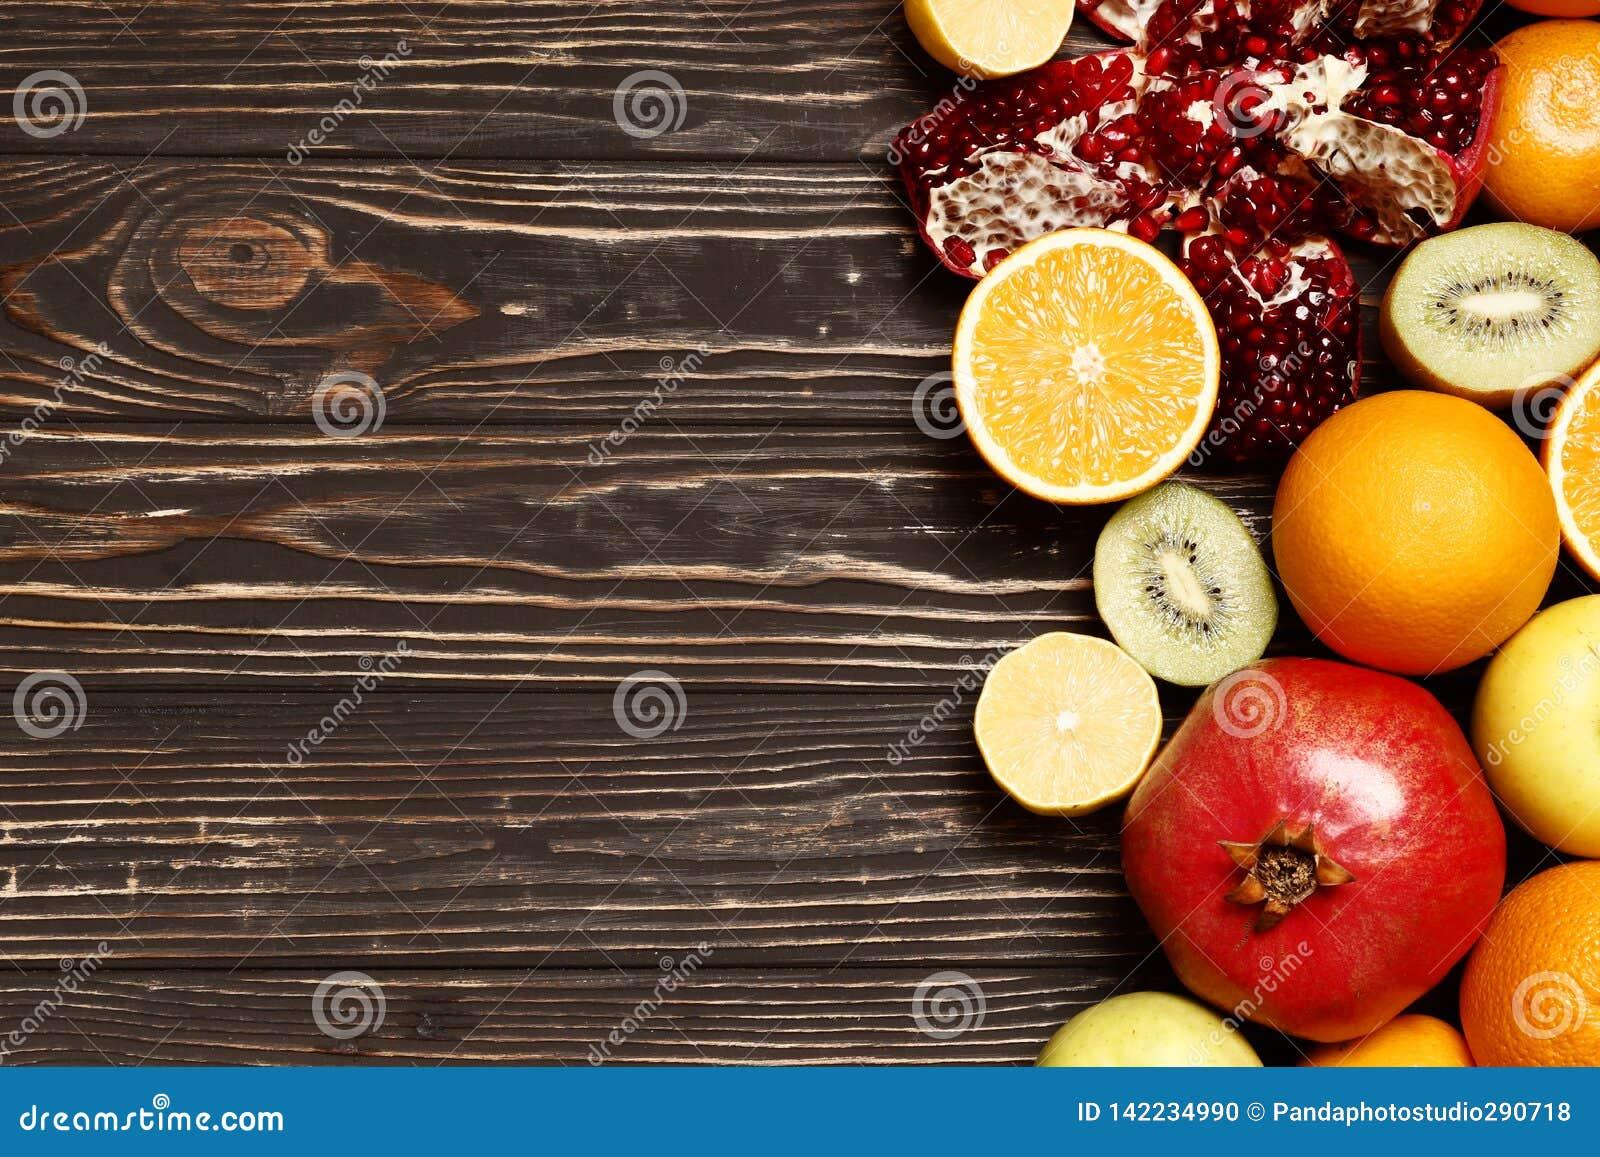 Frukter på en trätabell